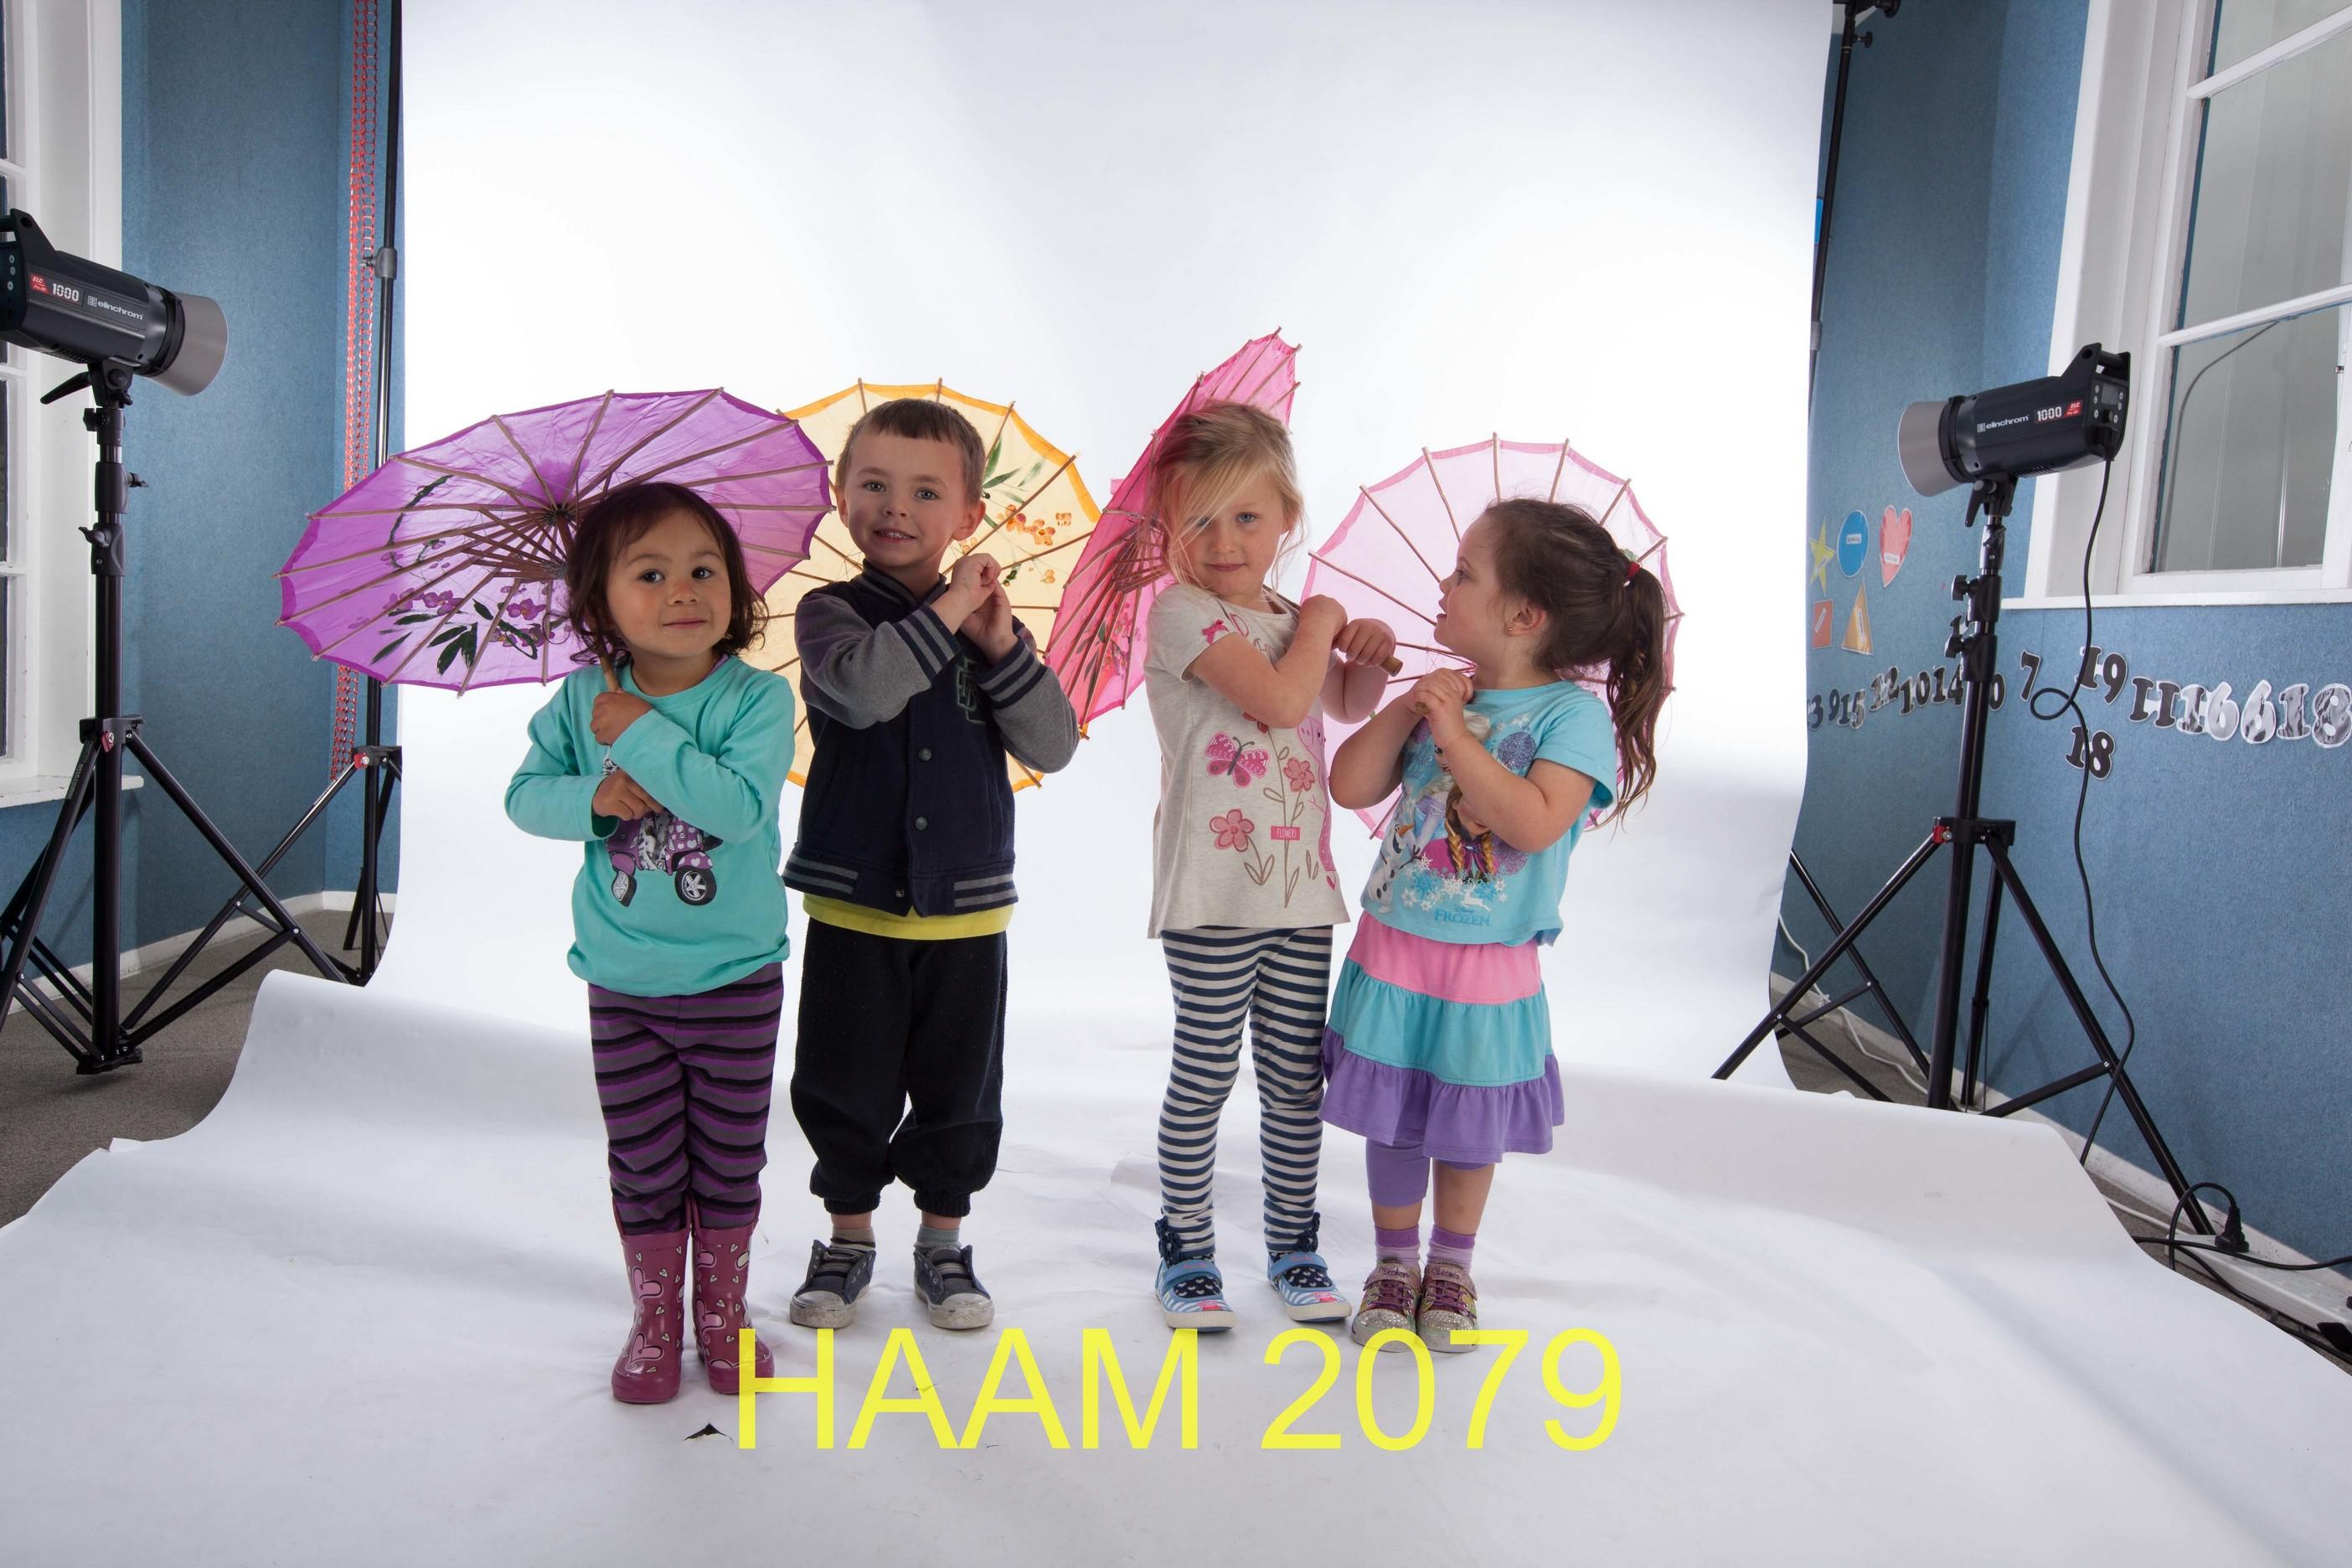 HAAM 2079